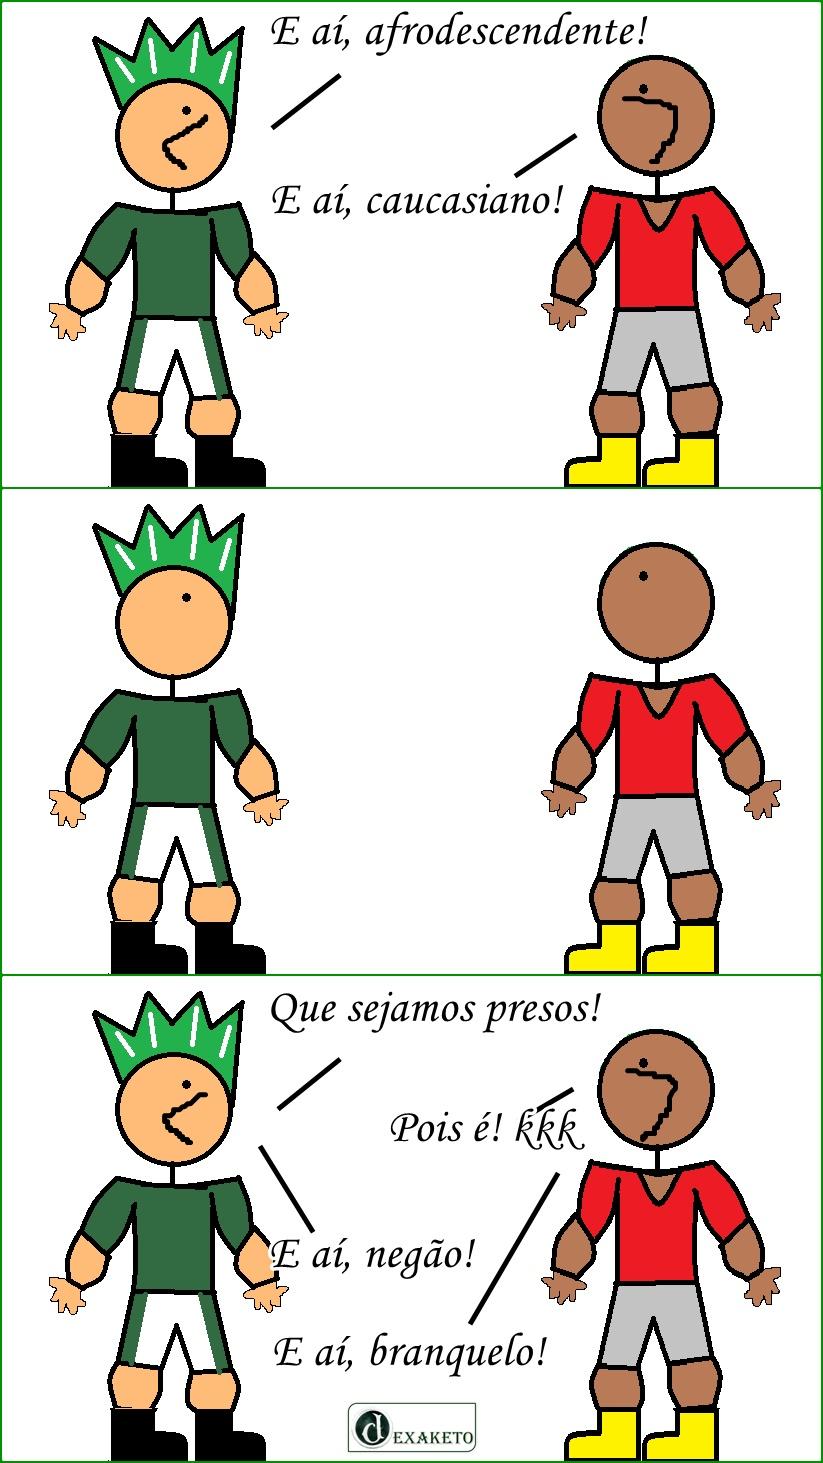 Negão e Branquelo - Dexaketo